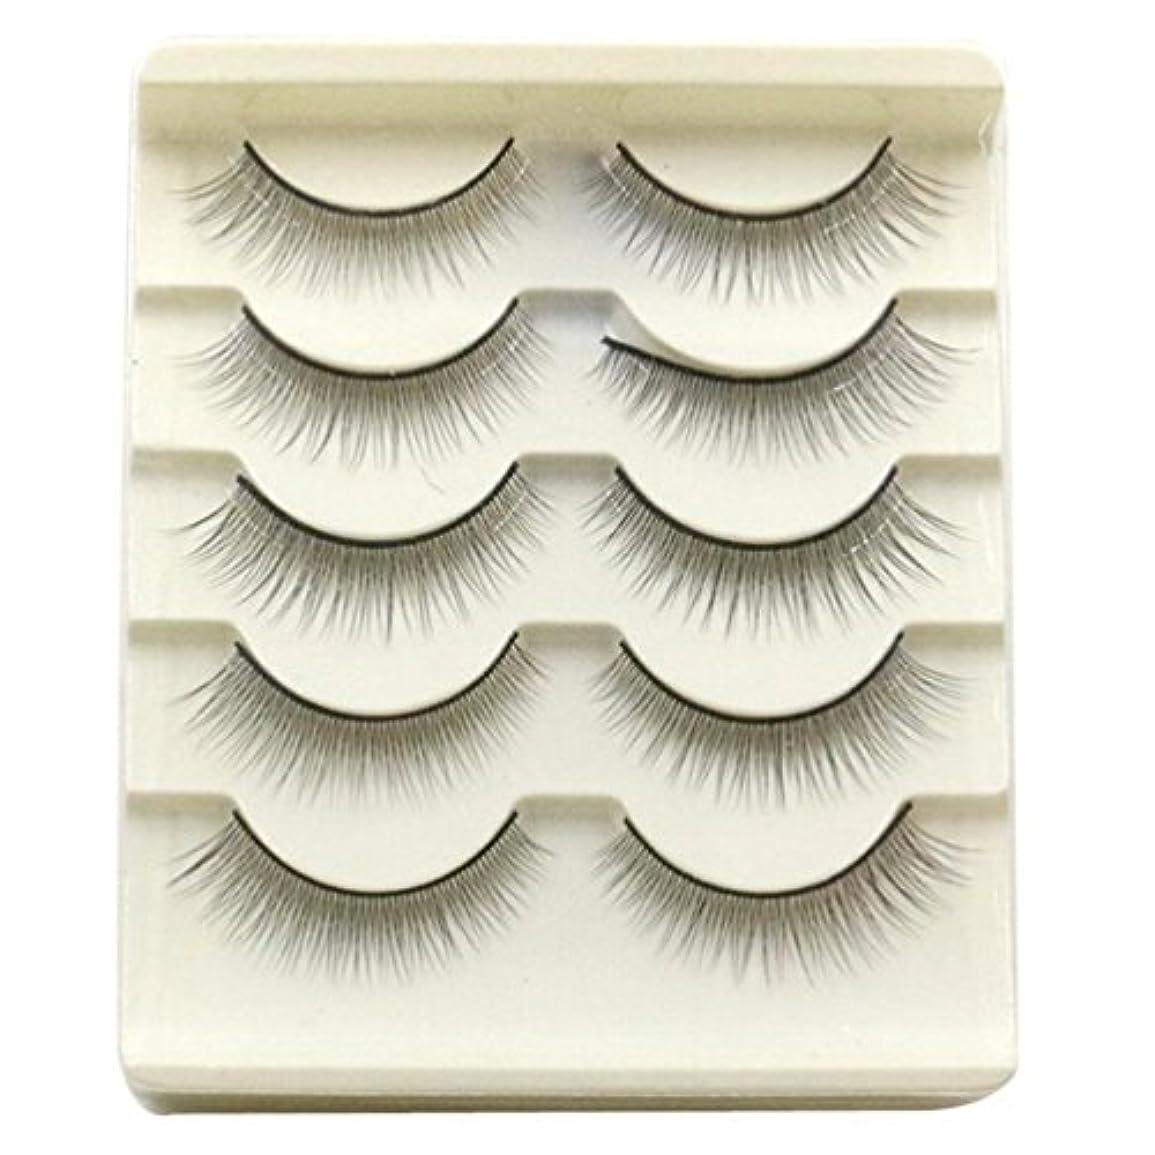 袋うぬぼれアルプスFeteso 5ペア つけまつげ 上まつげ Eyelashes アイラッシュ ビューティー まつげエクステ レディース 化粧ツール アイメイクアップ 人気 ナチュラル ふんわり 装着簡単 綺麗 極薄